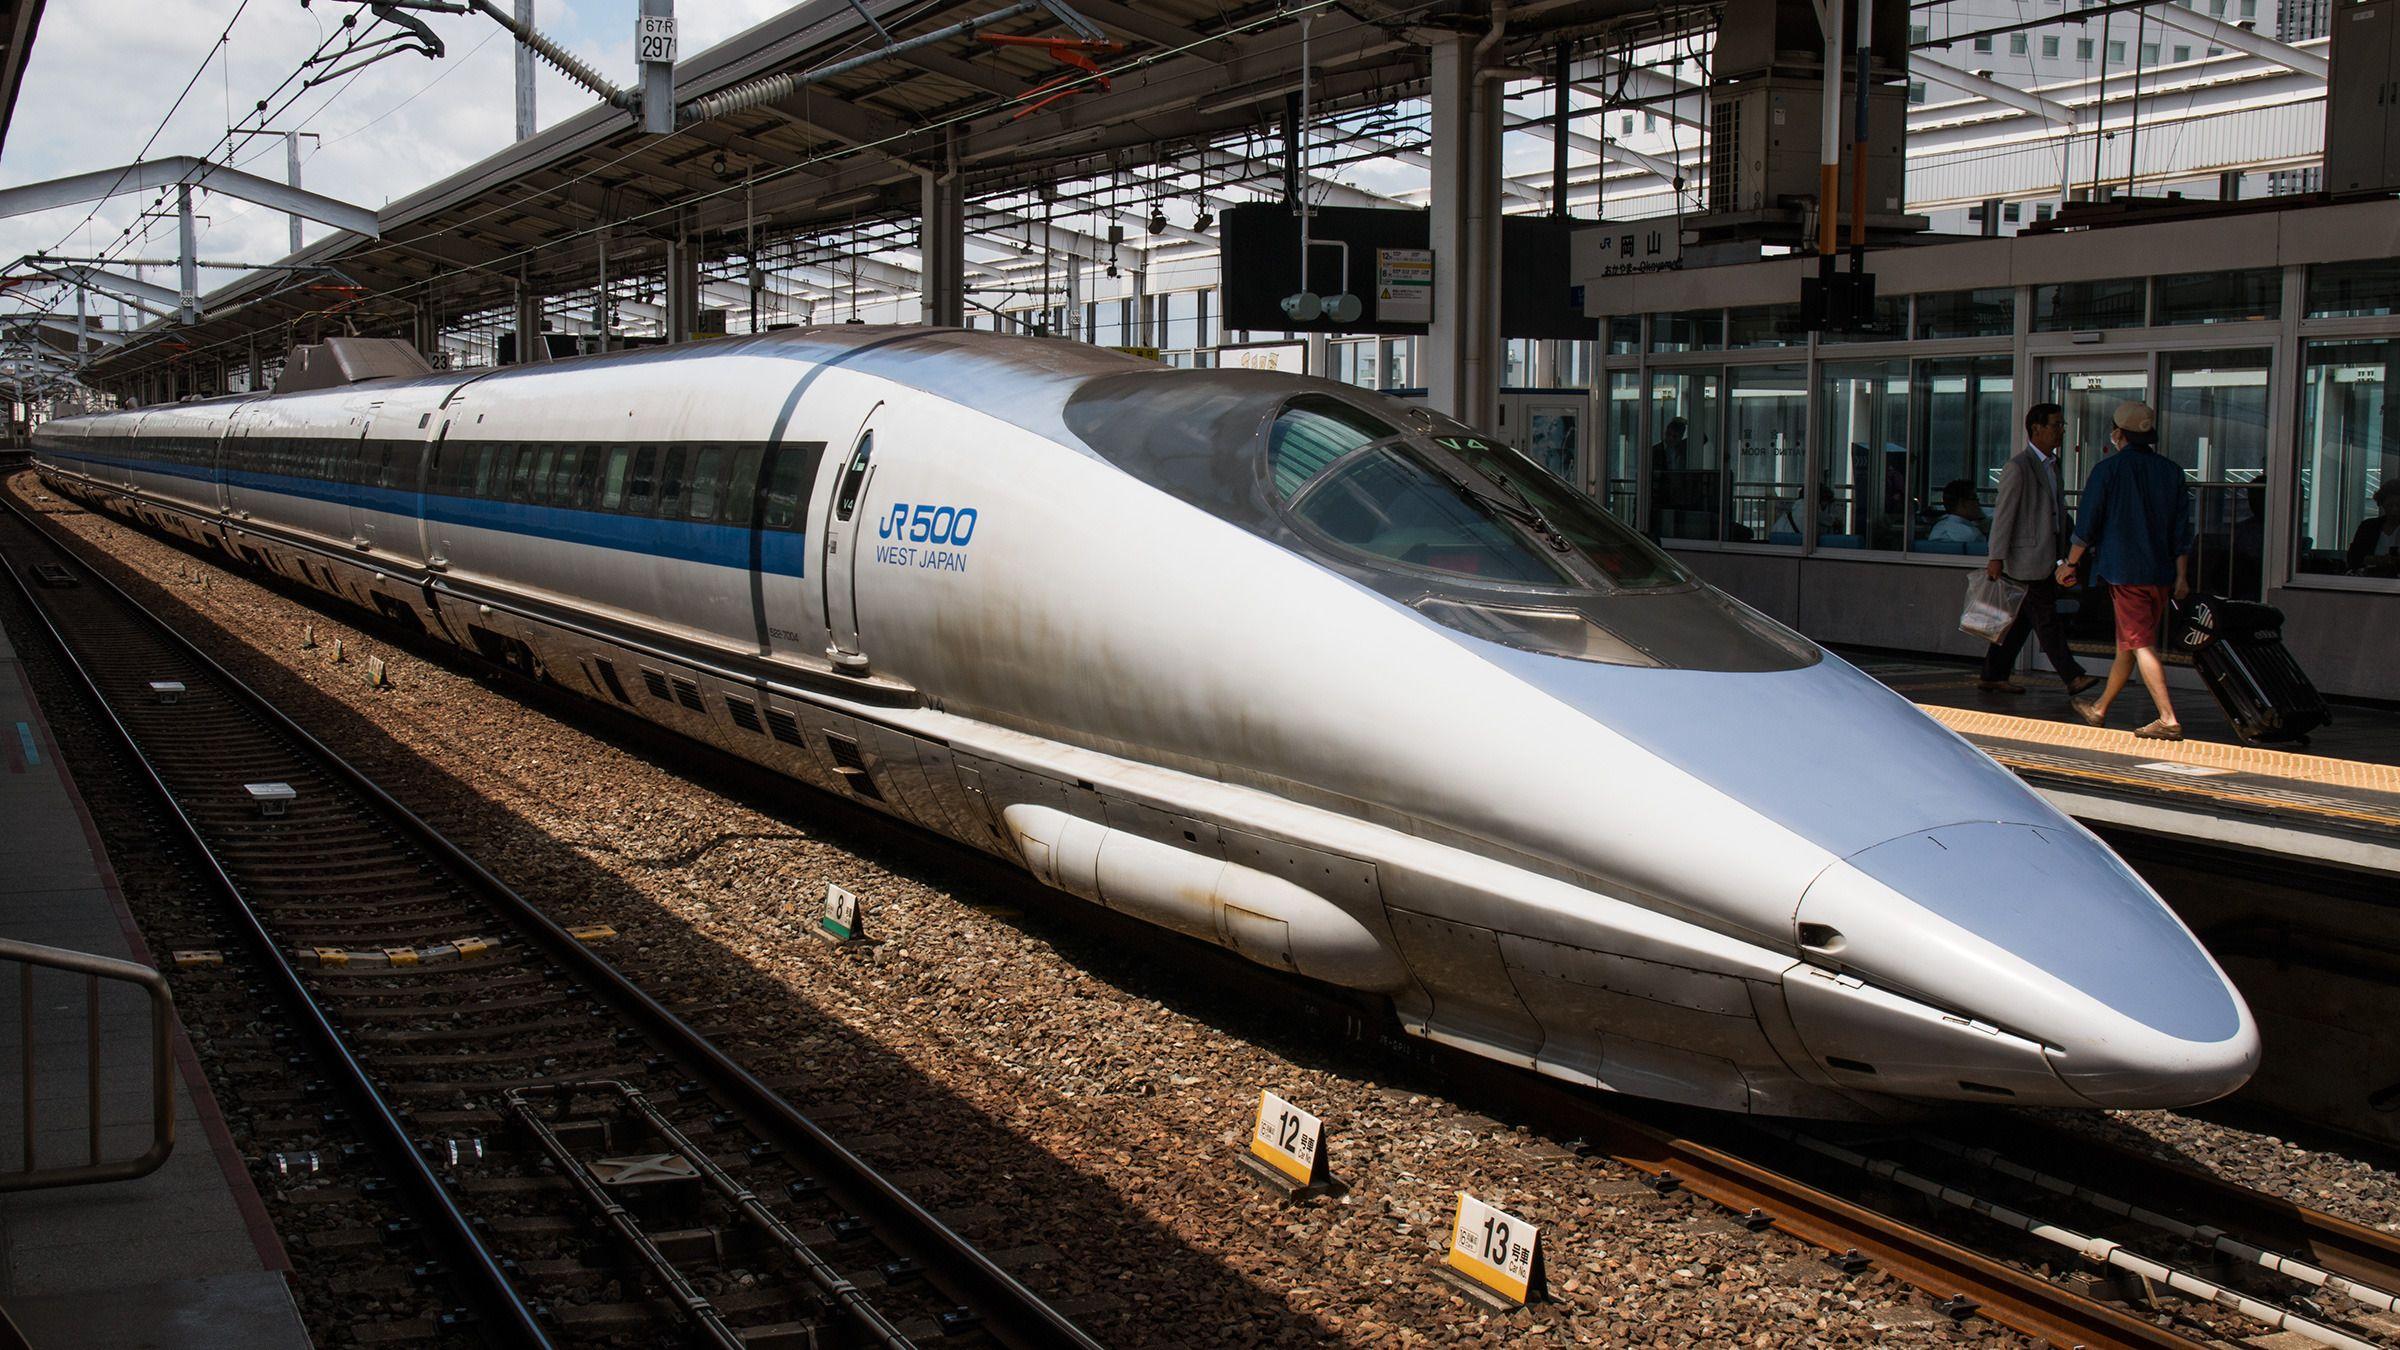 Den eldre 500-serien togsett brukes i dag kun på de tregeste linjene i Shinkansen-nettverket, kalt Kodama.Foto: Varg Aamo, Hardware.no